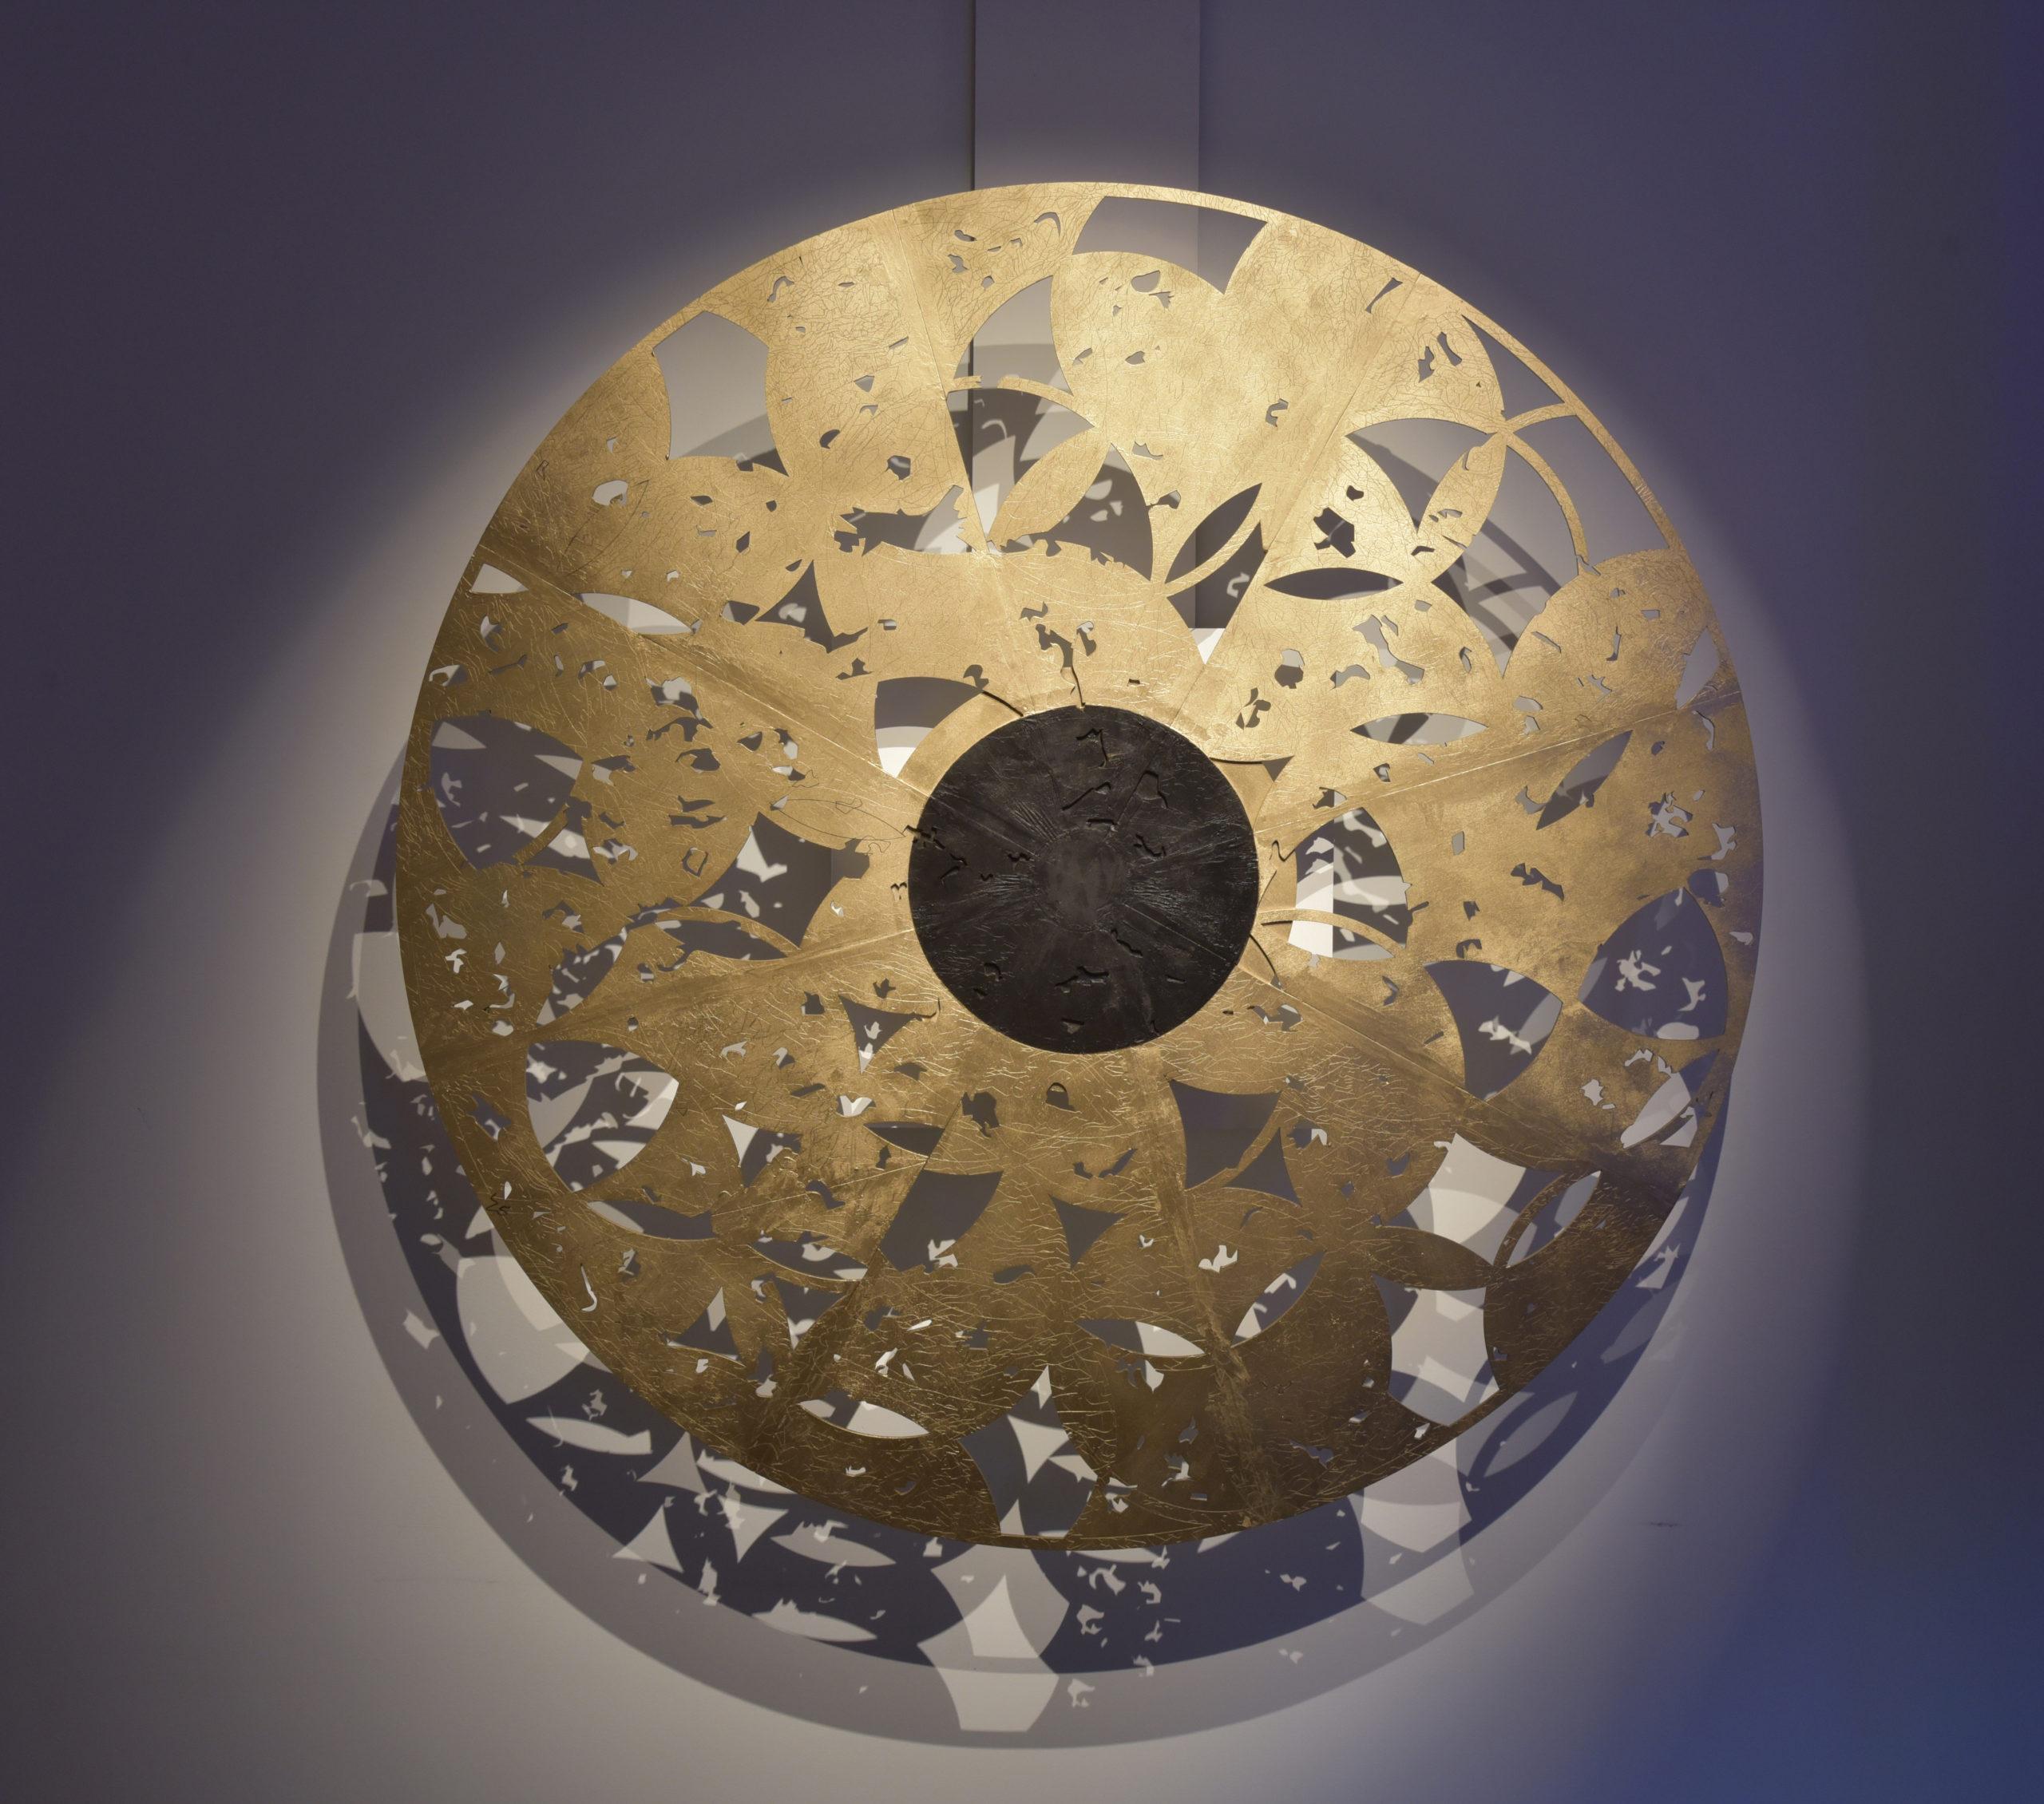 Harmonices Mundi», Oscillation Intérieure 160 cm de diamètre